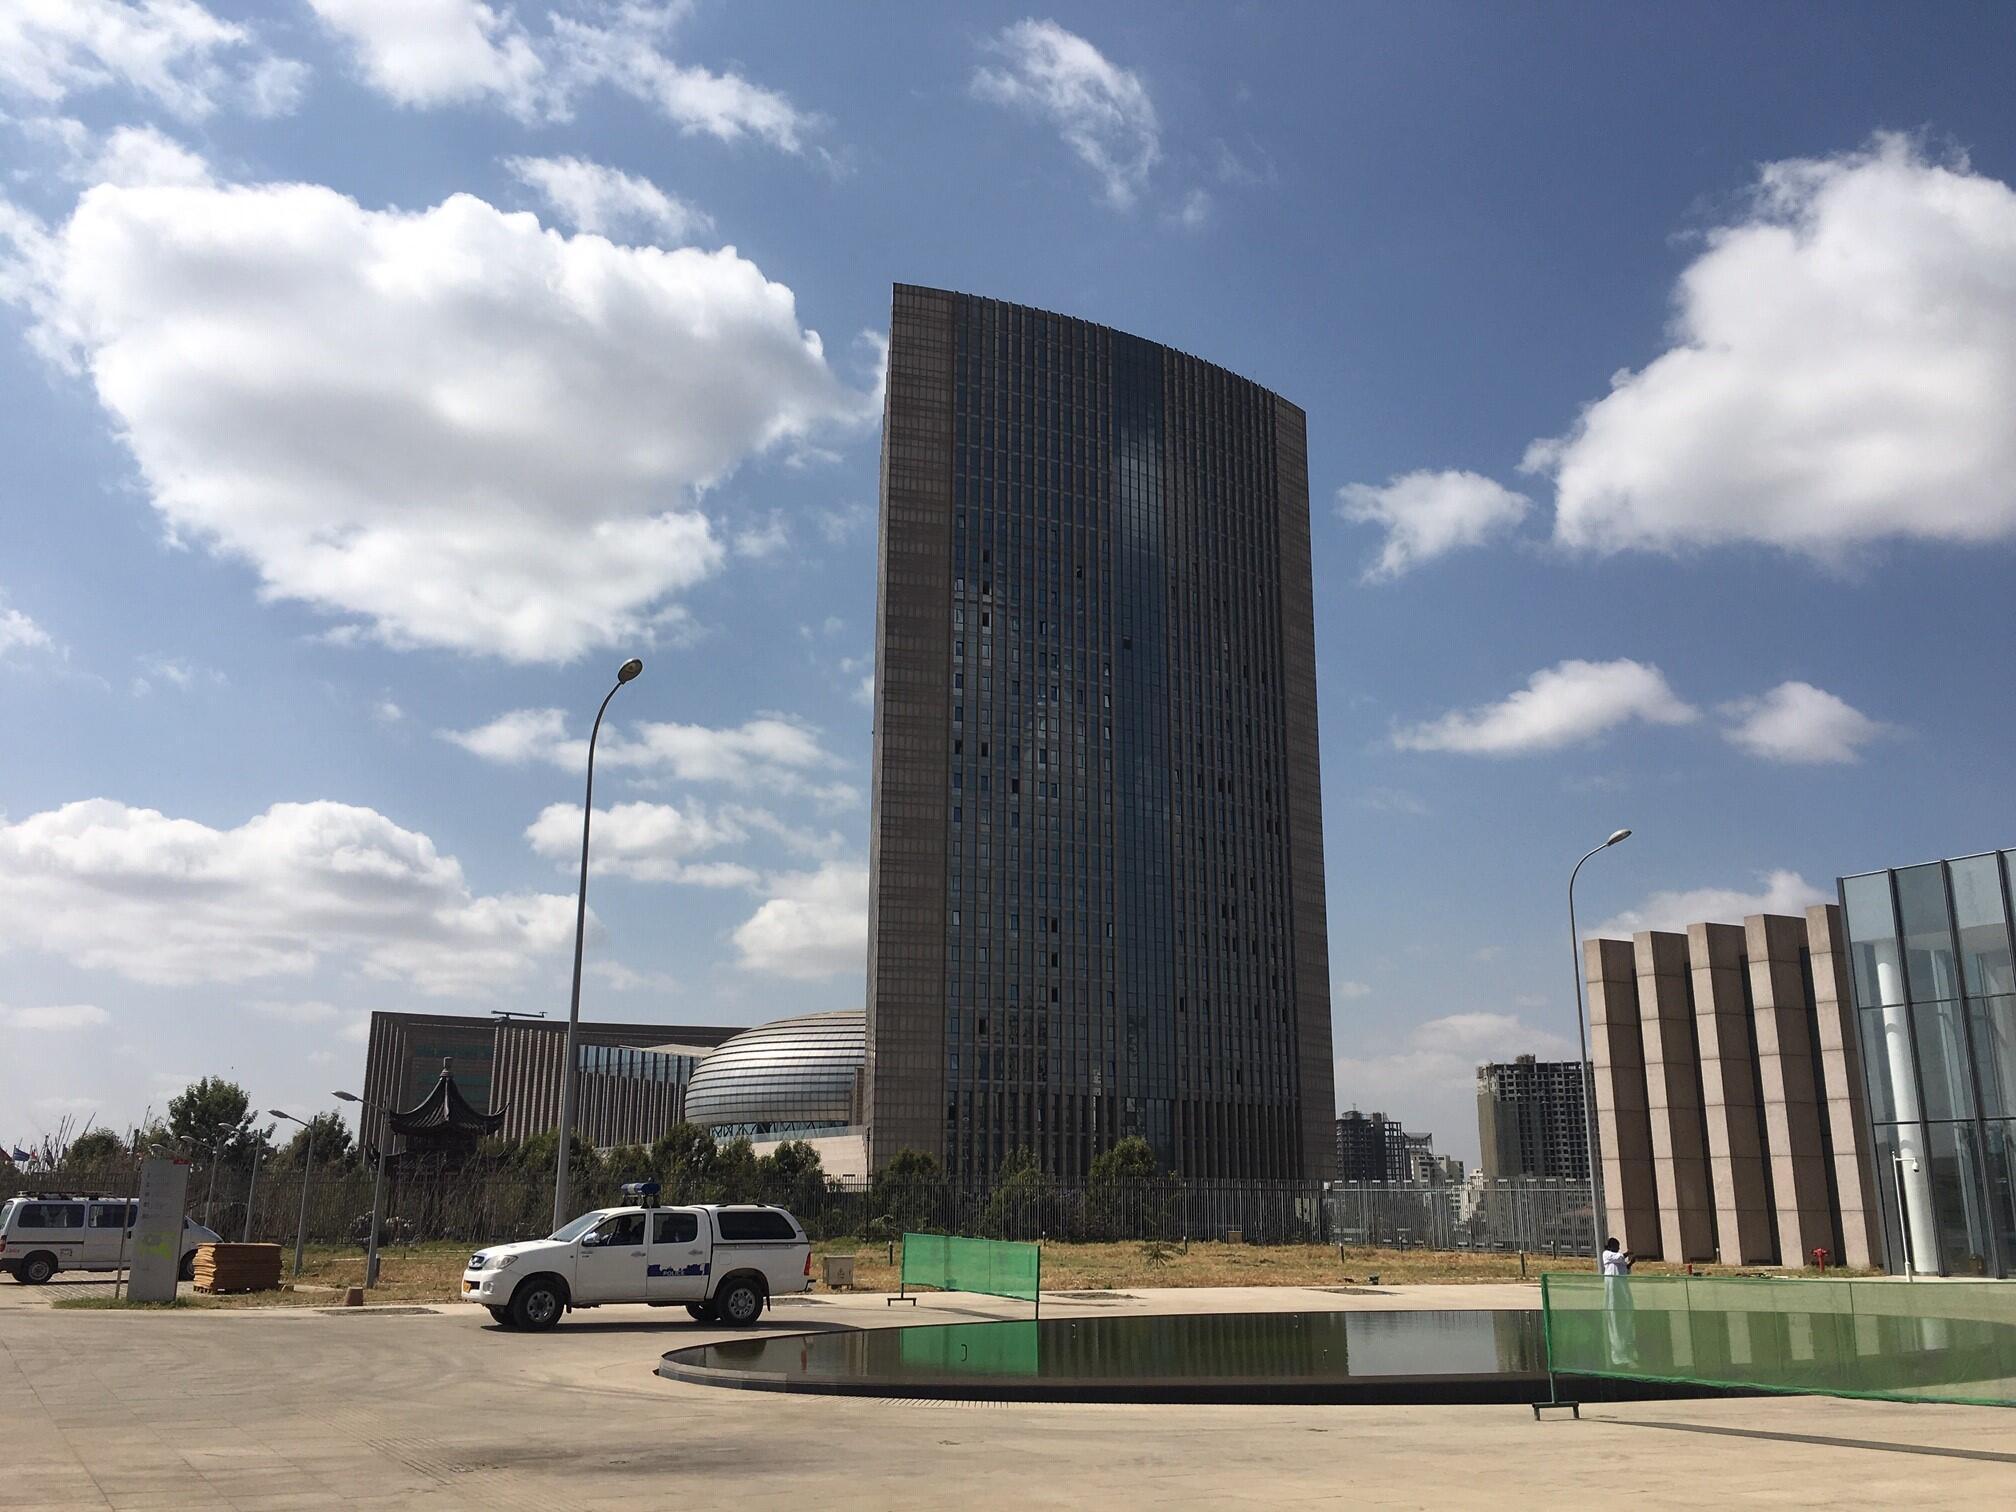 Makao makuu ya Umoja wa Afrika katika mji mkuu wa Ethiopia Addis Ababa, Februari 5, 2020.